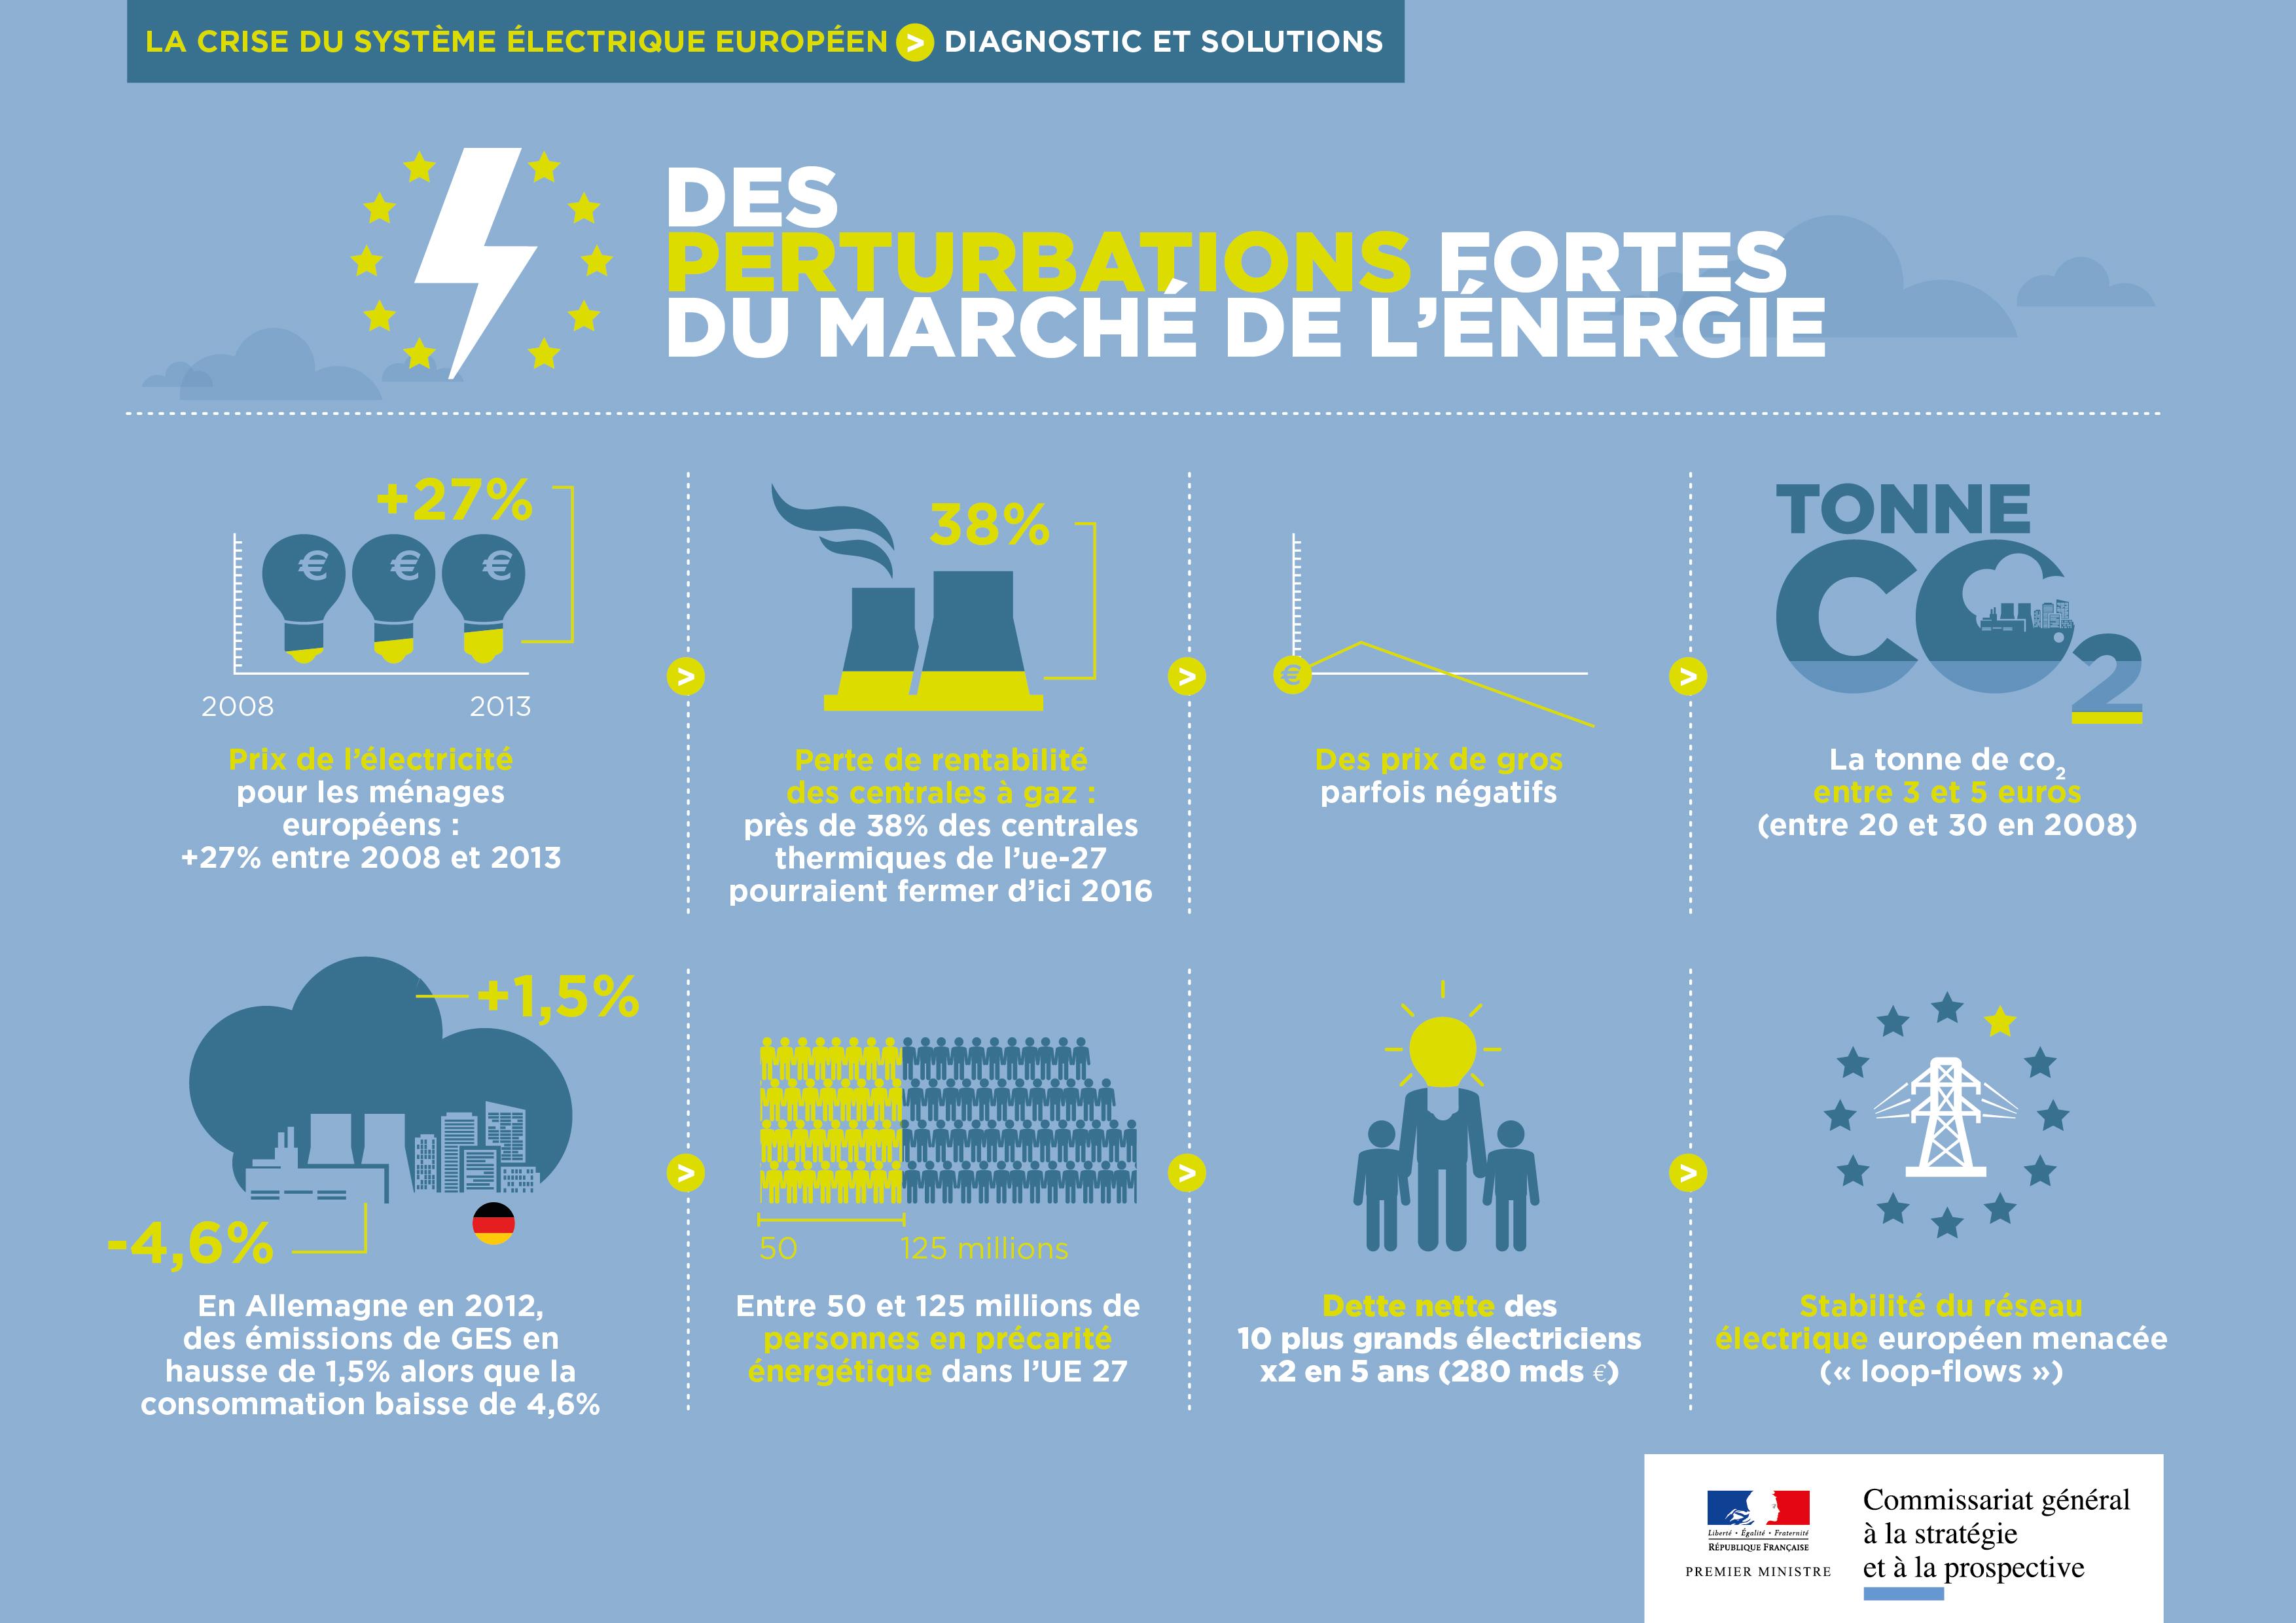 La crise du système électrique européen